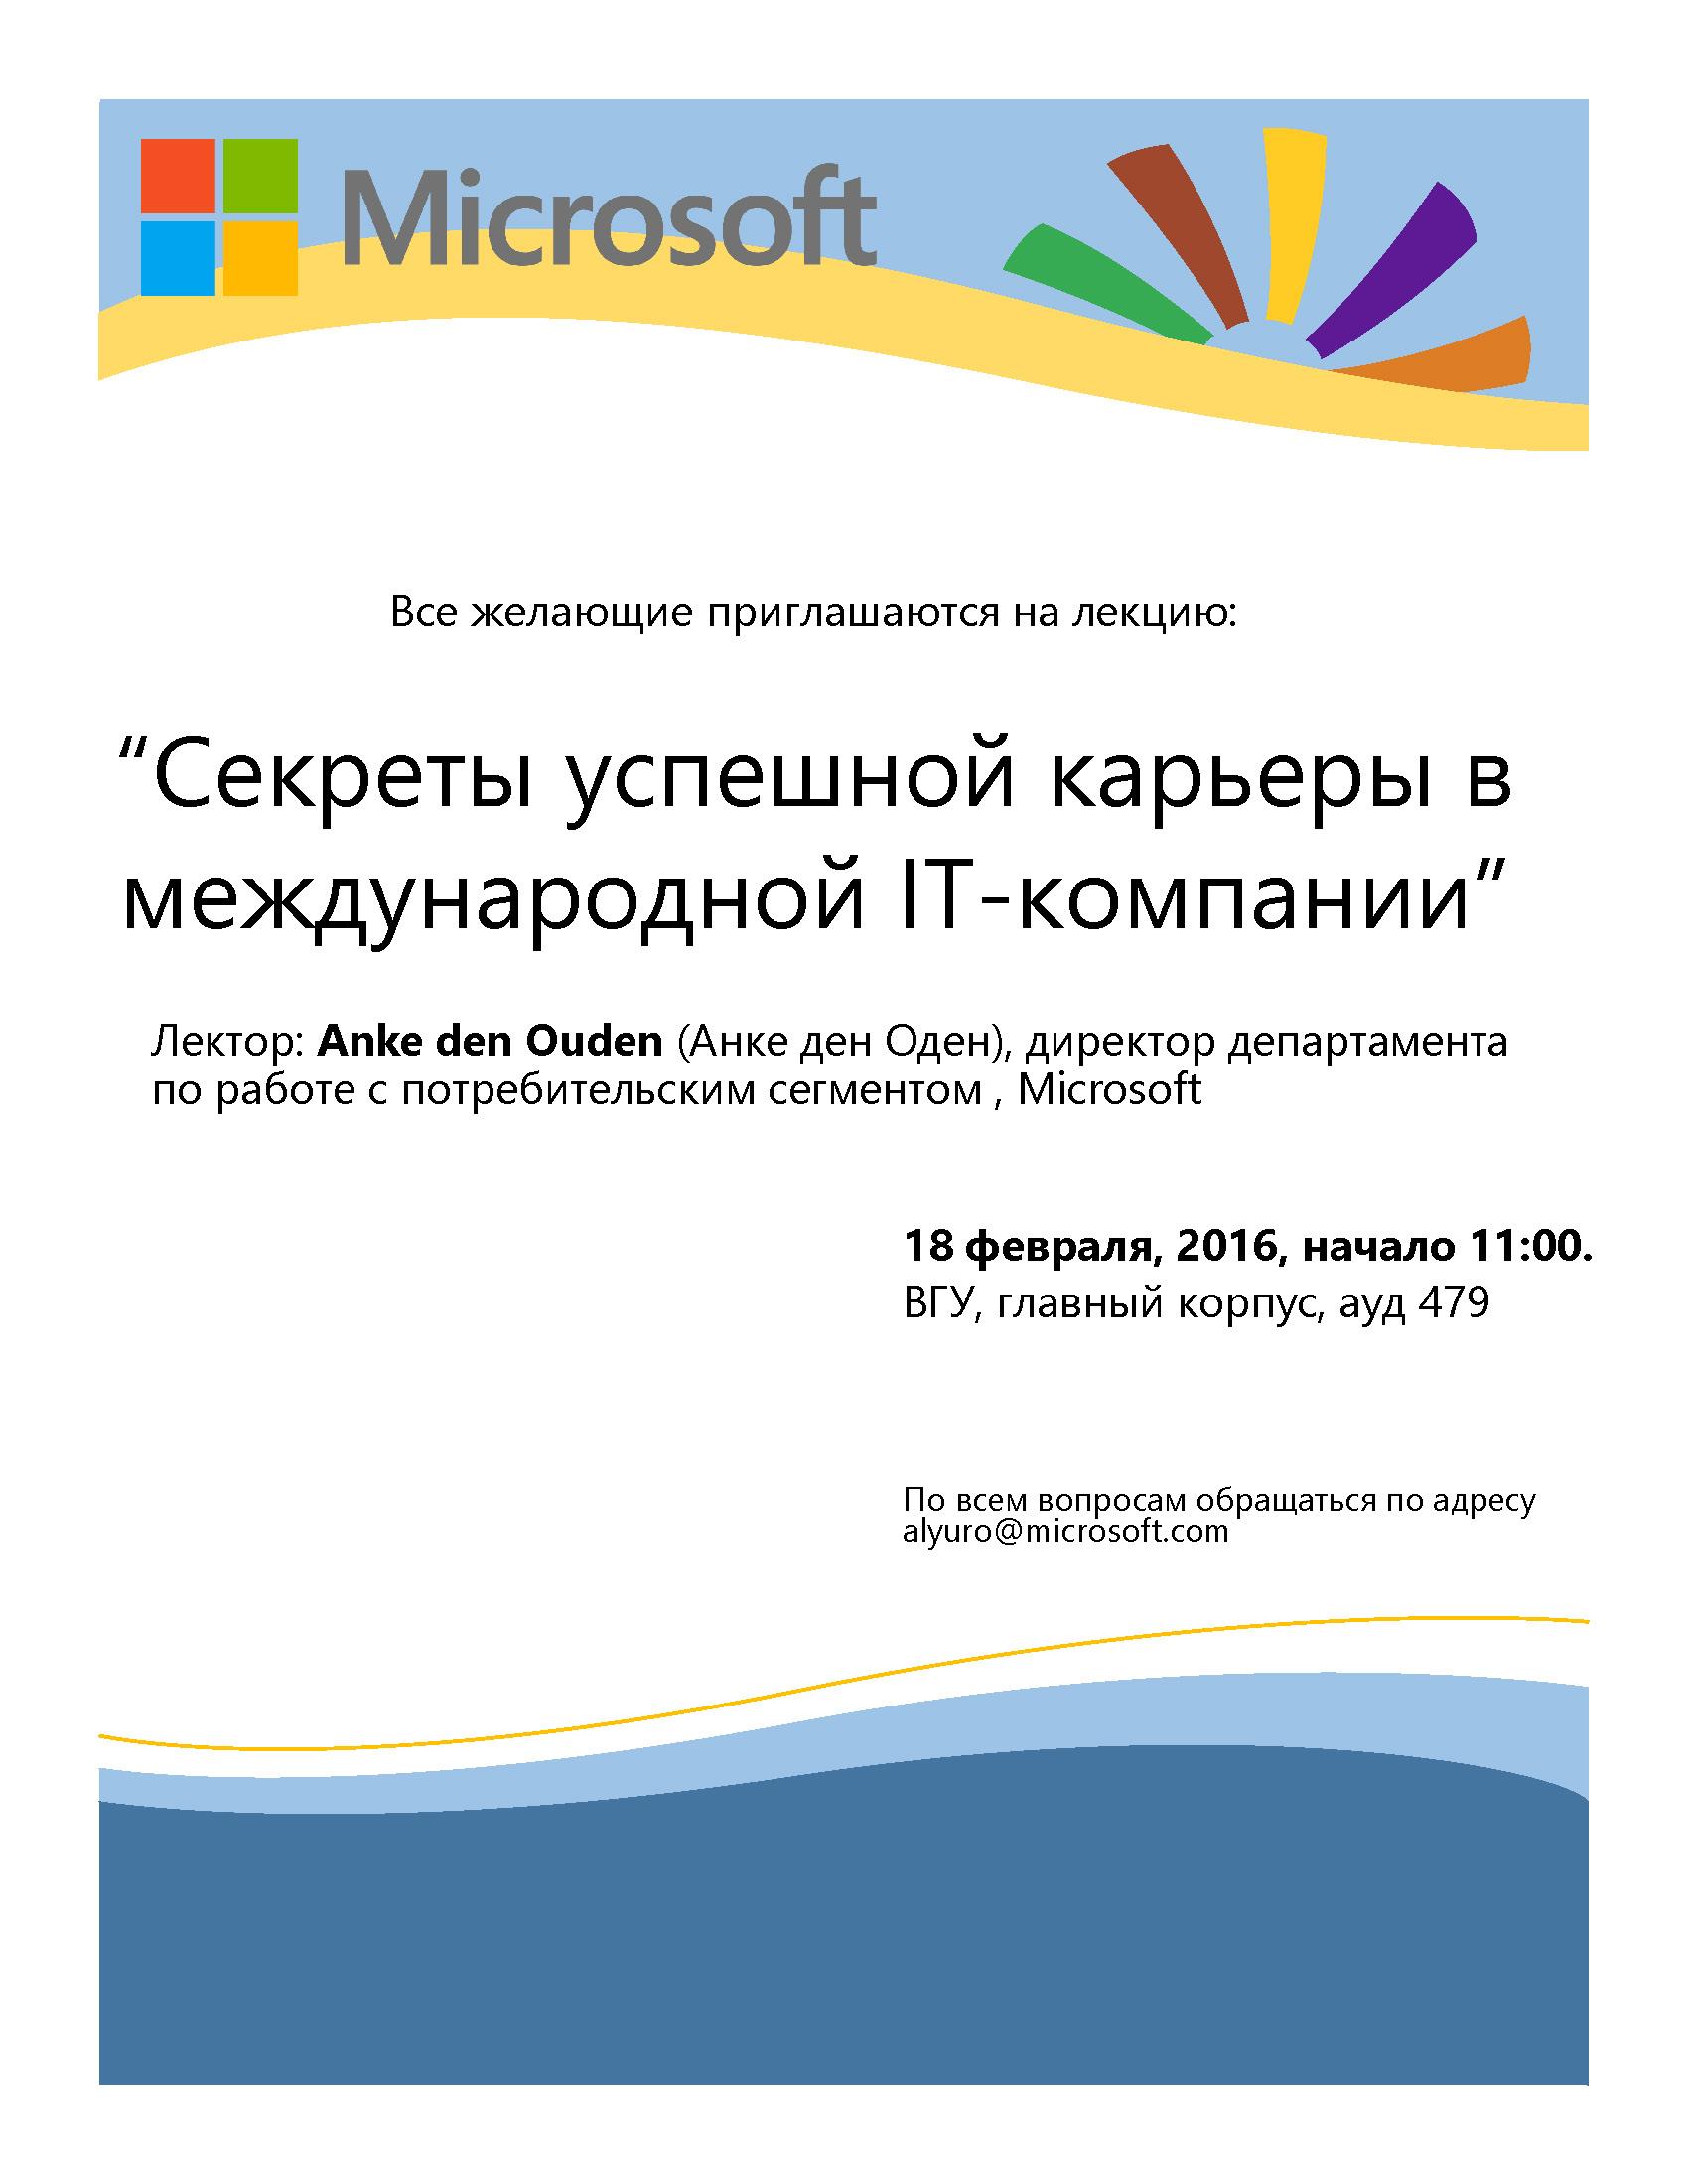 VSU_Event